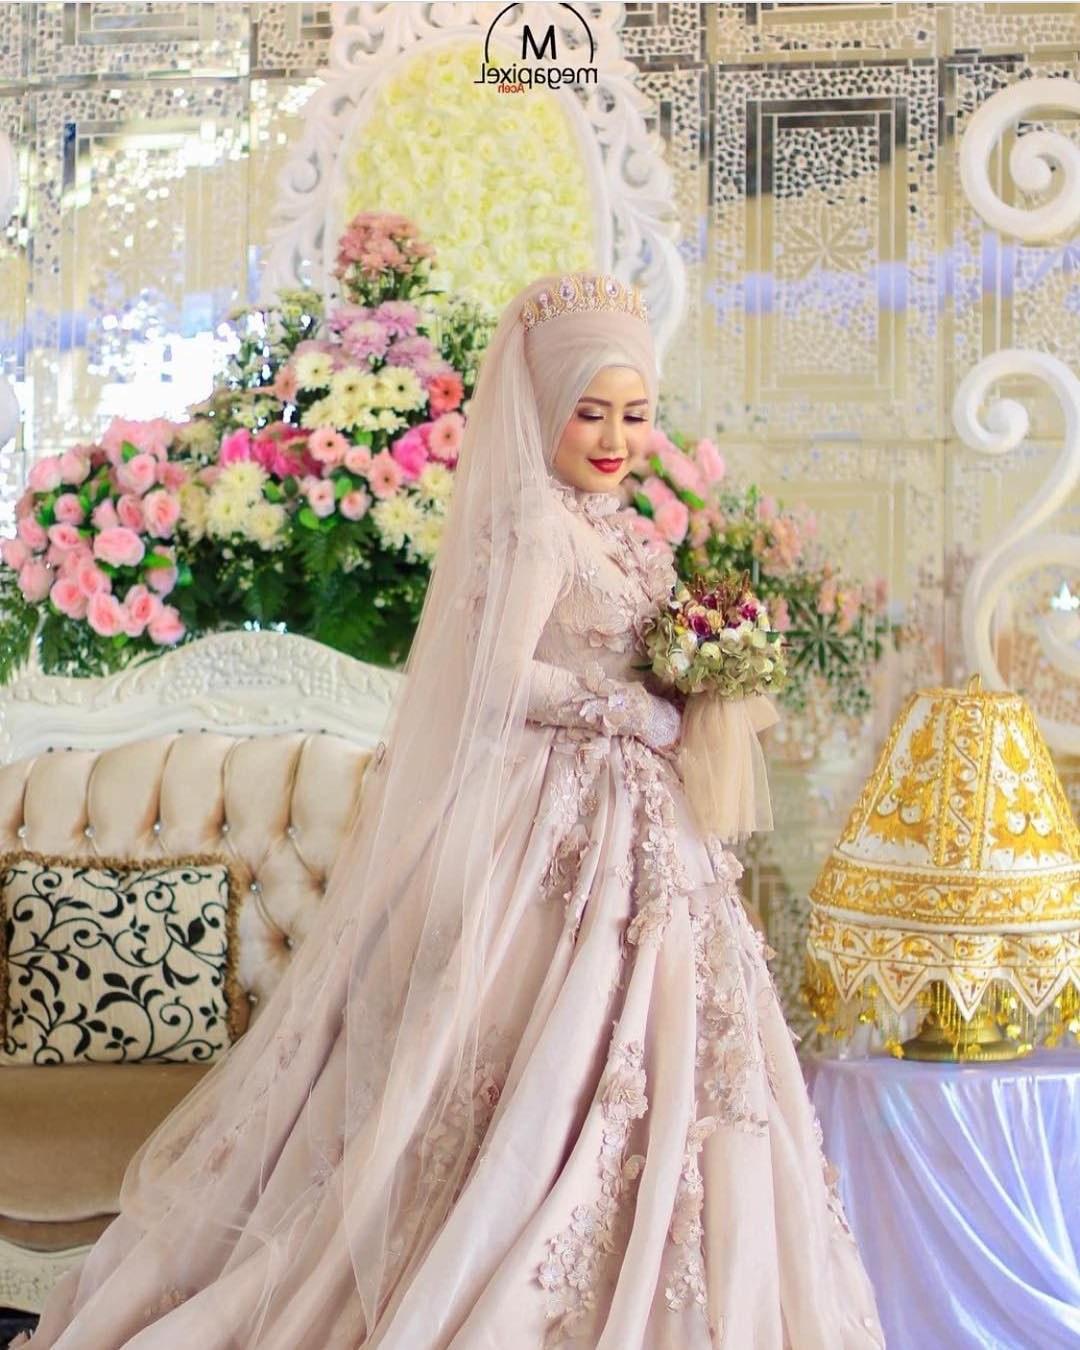 Ide Gaun Pengantin Muslimah Yang Syar'i Fmdf 17 Model Baju Pengantin Muslim 2018 Desain Elegan Cantik